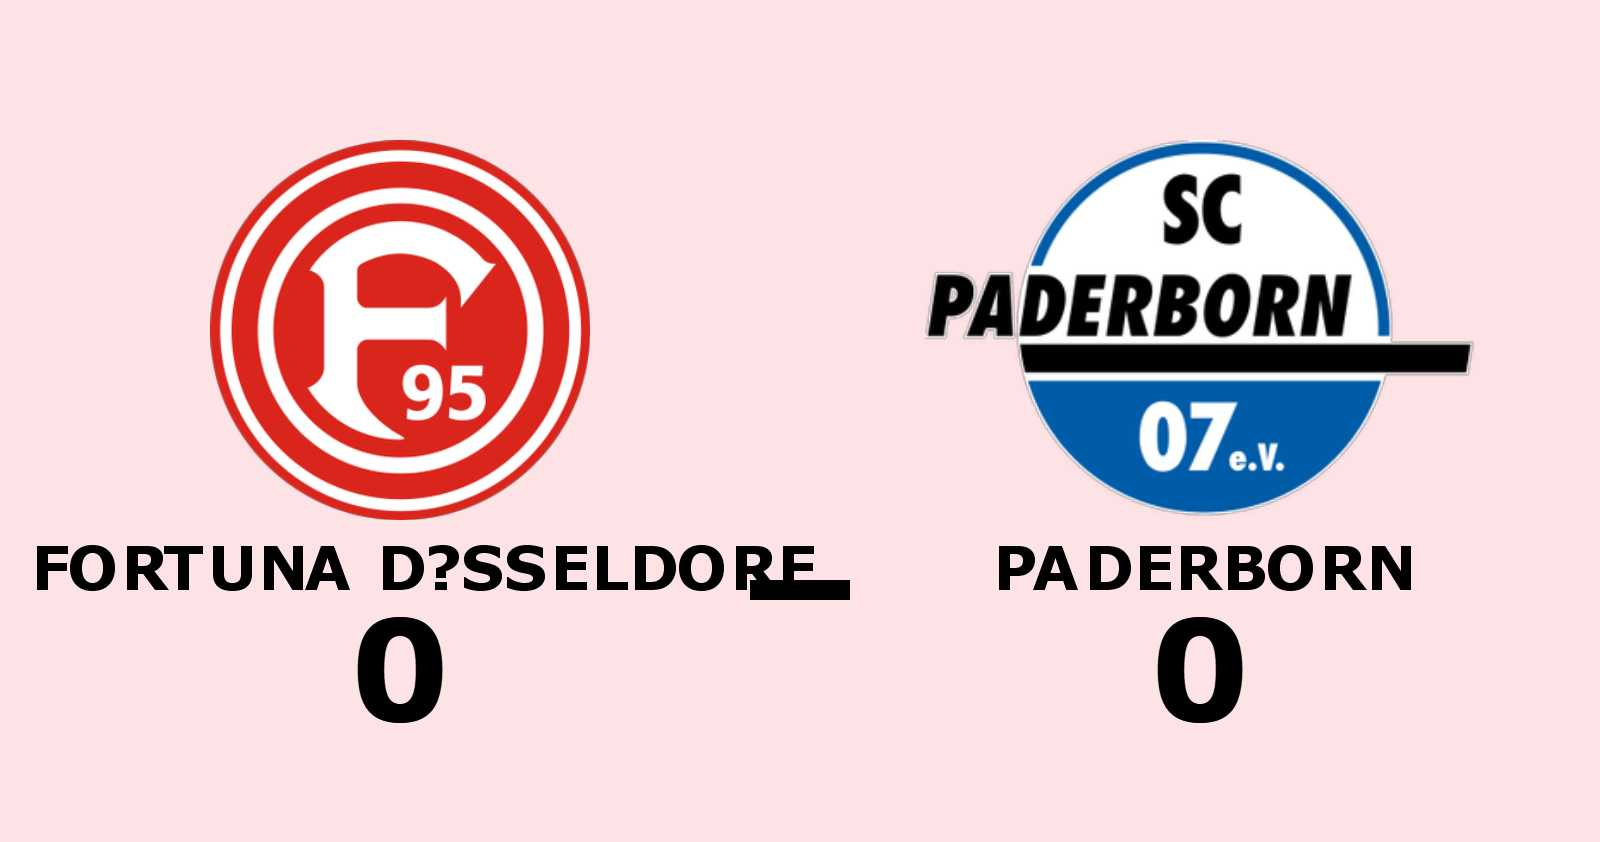 Fortuna Düsseldorf och Paderborn kryssade i mållös match